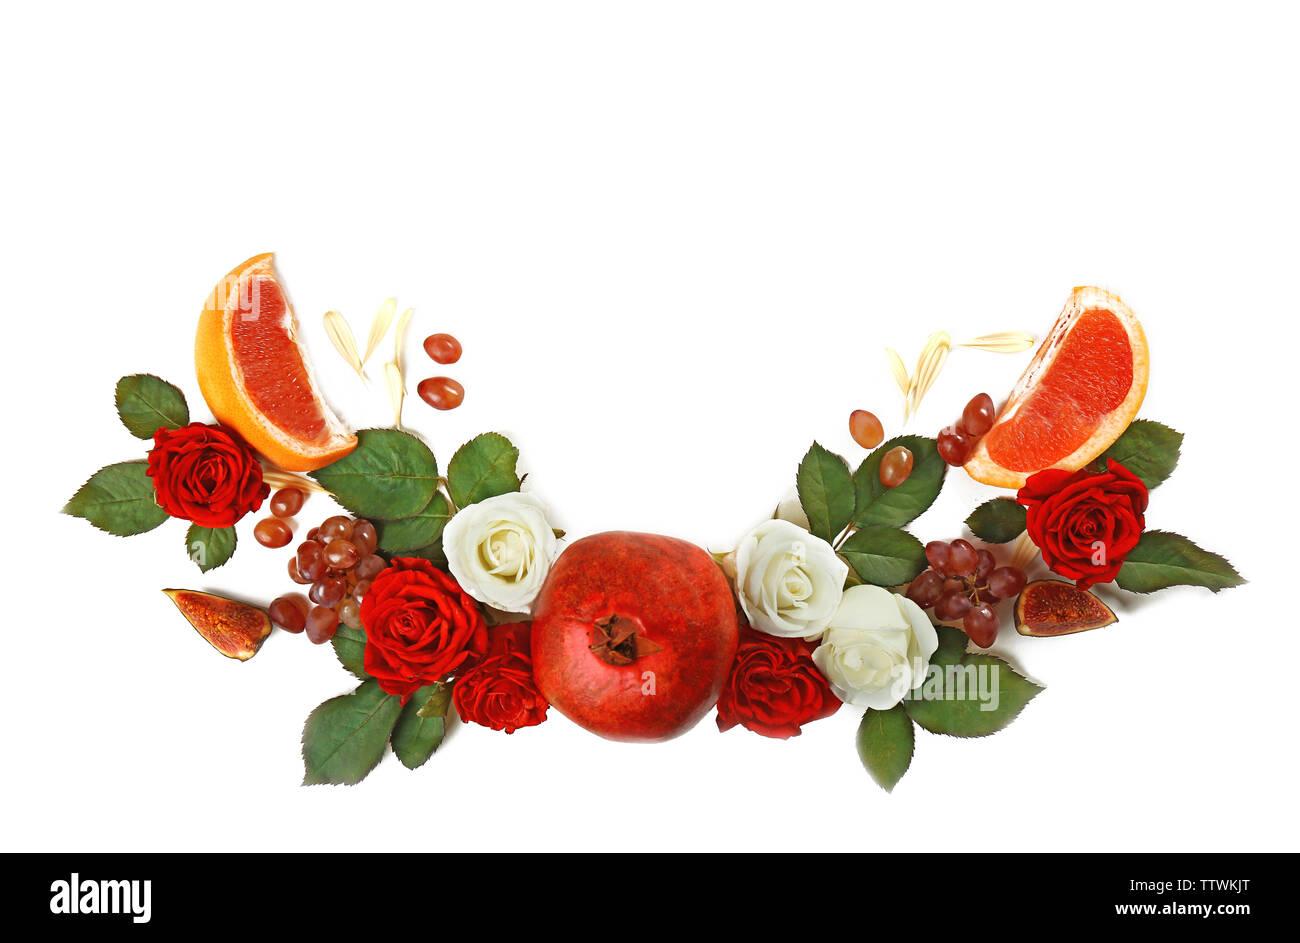 Rojo Granada Y Arreglo Floral Sobre Fondo Blanco Foto